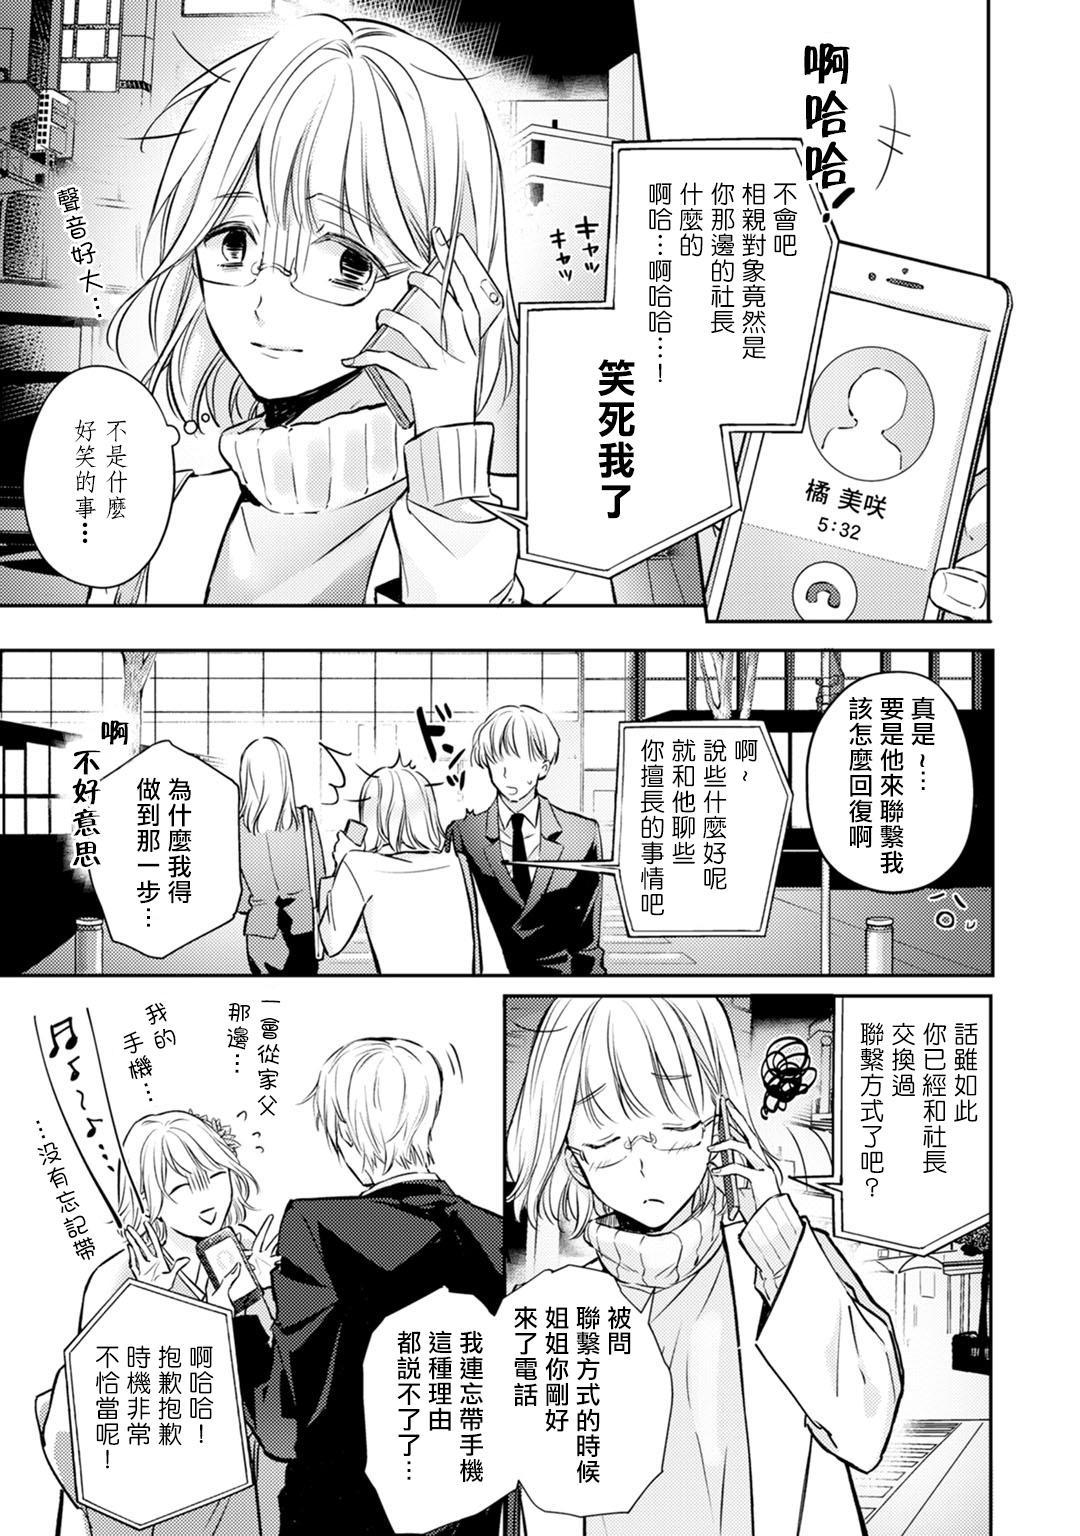 [Shichigatsu Motomi]  Sonna Kao shite, Sasotteru? ~Dekiai Shachou to Migawari Omiaikekkon!?~ 1-11  這種表情,在誘惑我嗎?~溺愛社長和替身相親結婚!? [Chinese] [拾荒者汉化组] 31